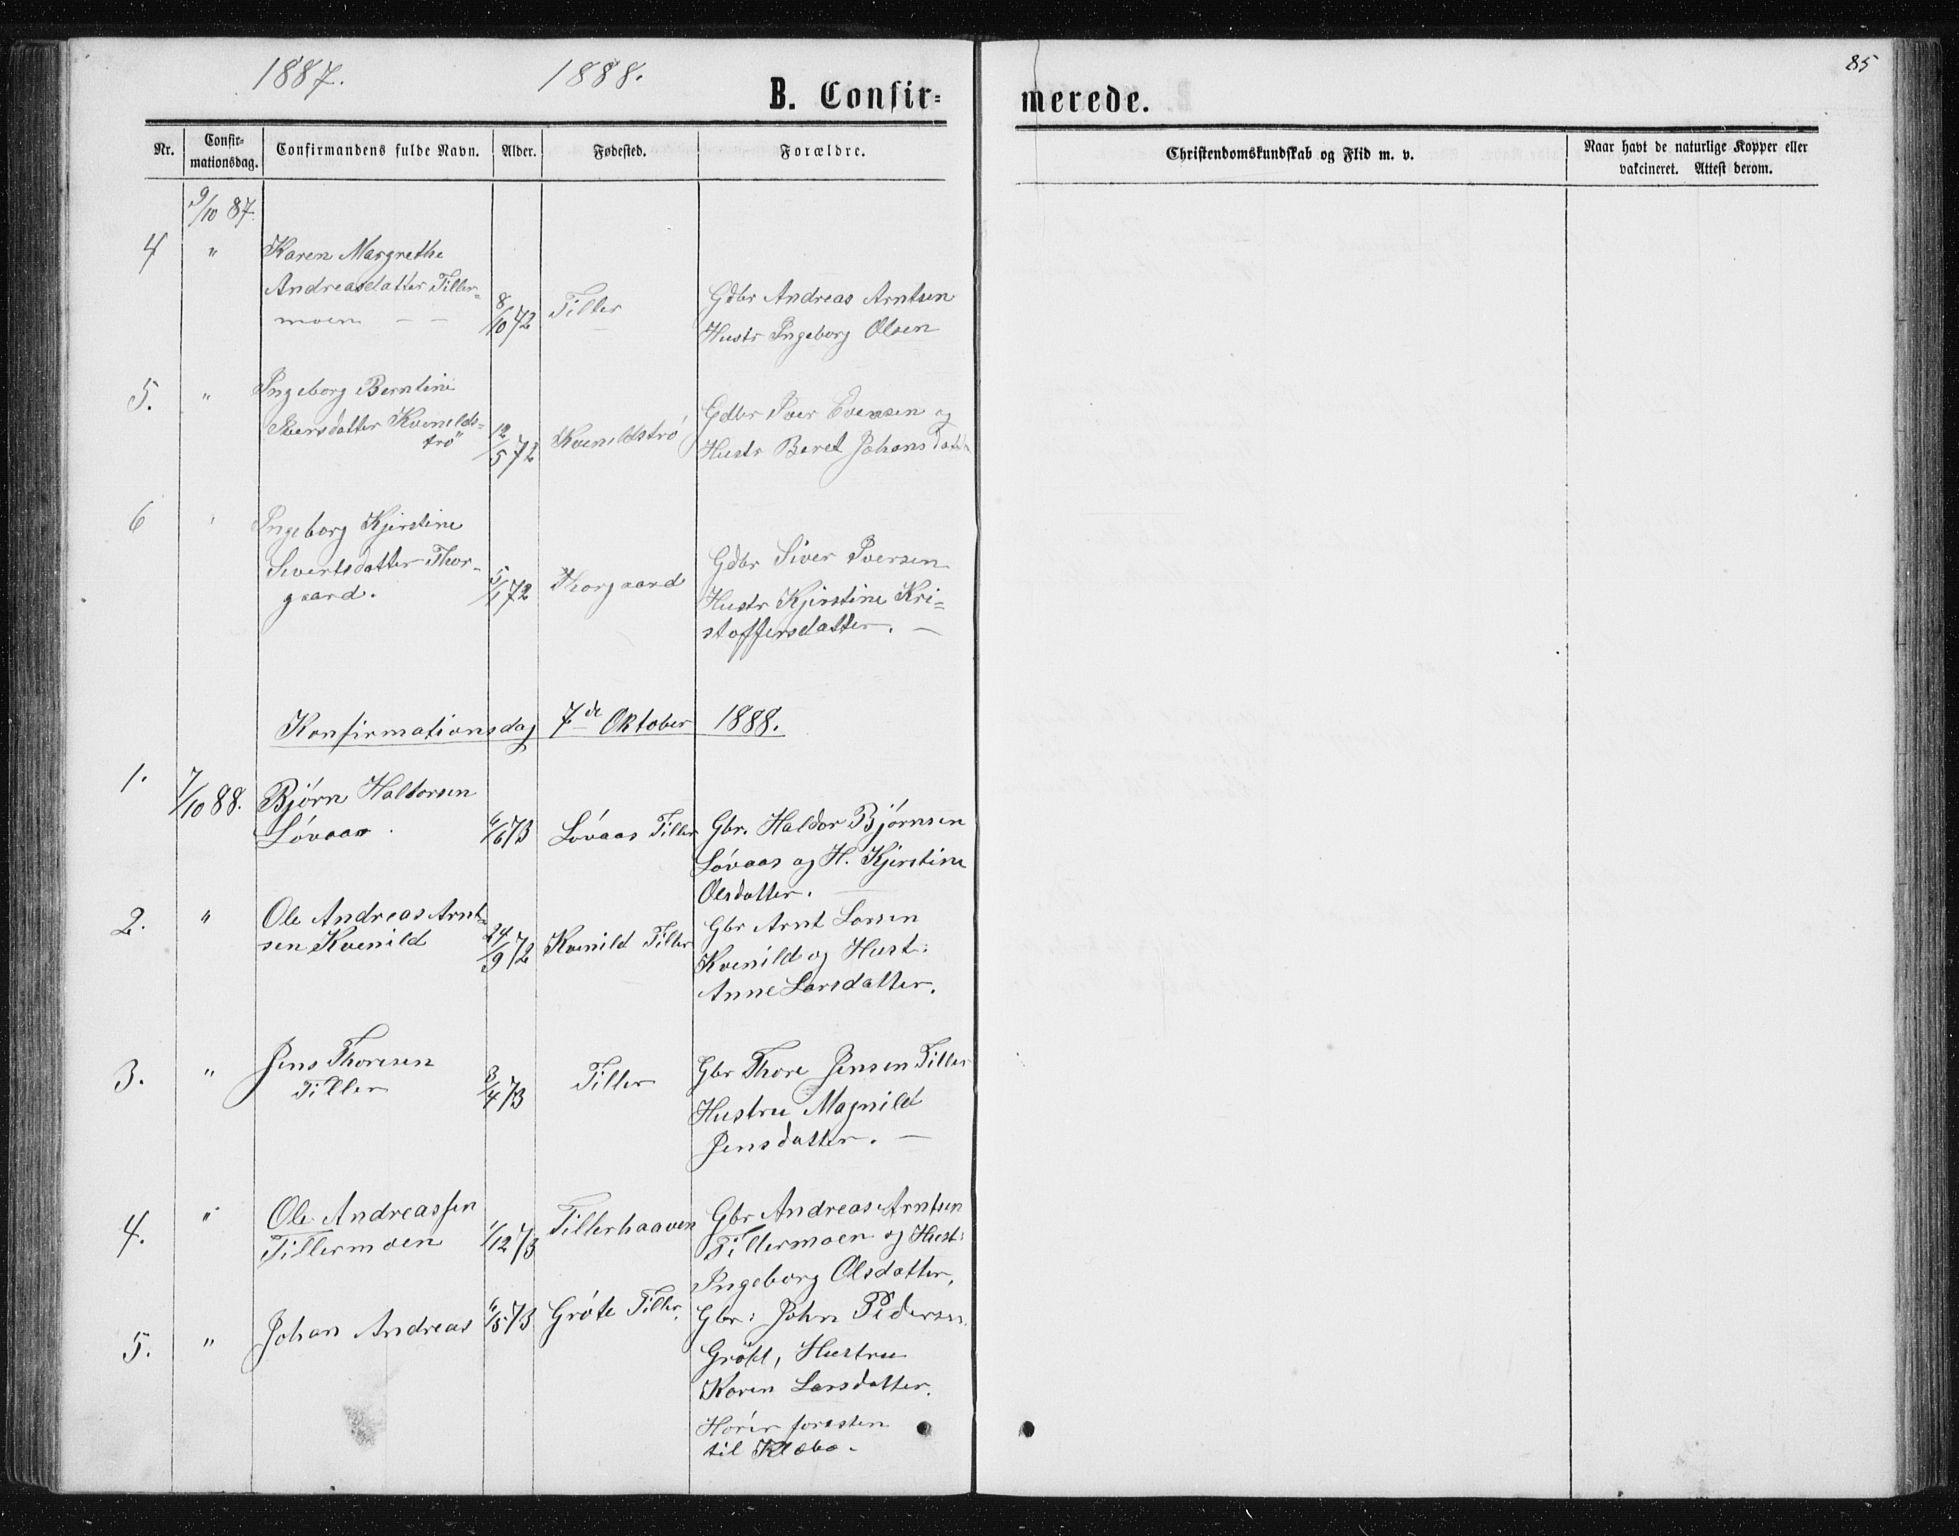 SAT, Ministerialprotokoller, klokkerbøker og fødselsregistre - Sør-Trøndelag, 621/L0459: Klokkerbok nr. 621C02, 1866-1895, s. 85